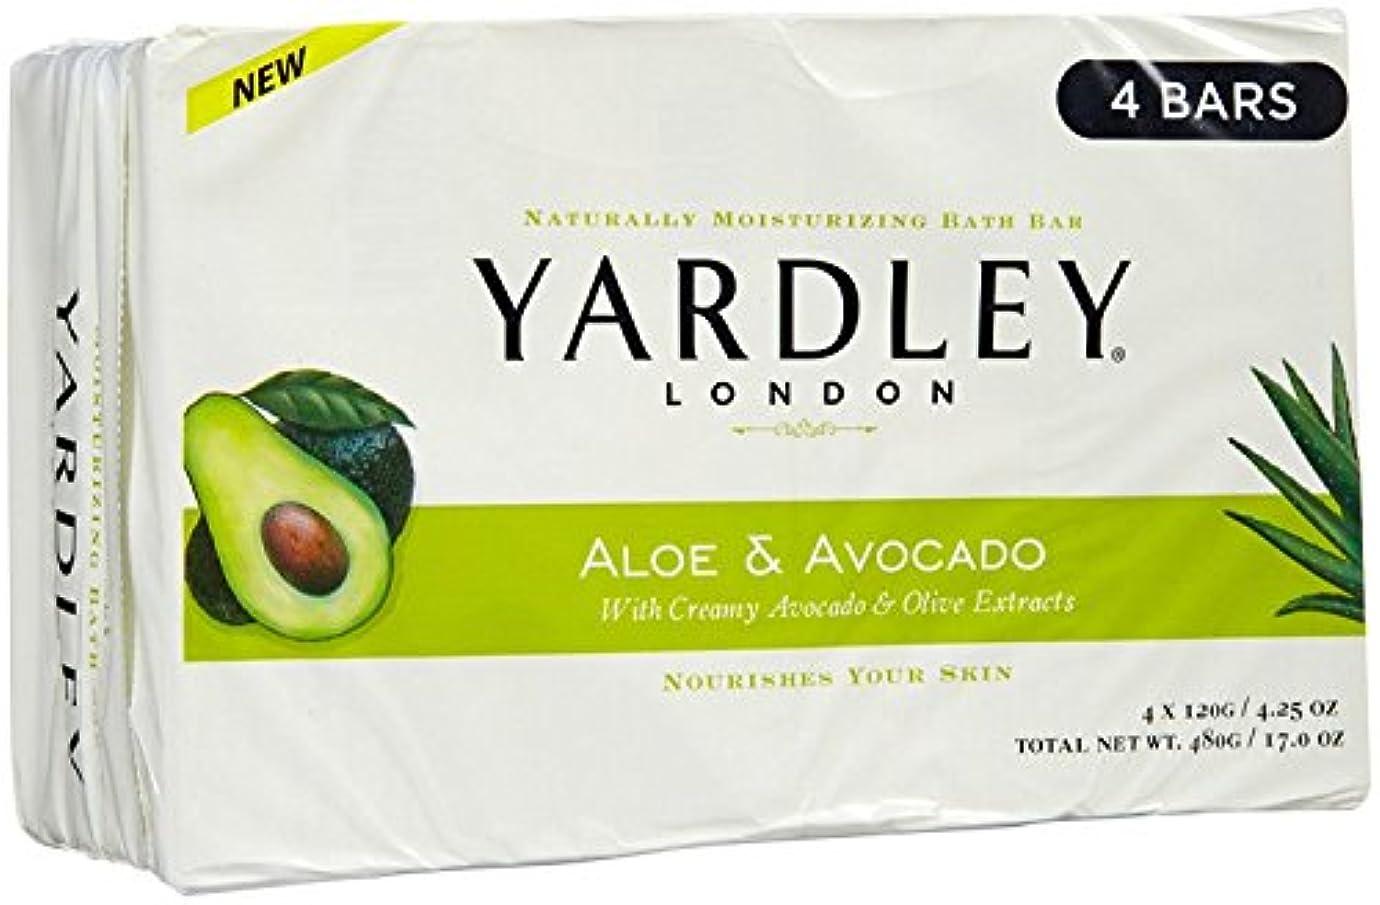 量でロビーシチリアYardley ロンドンアロエアボカド当然のことながら保湿入浴バー4.25オズ(4パック)